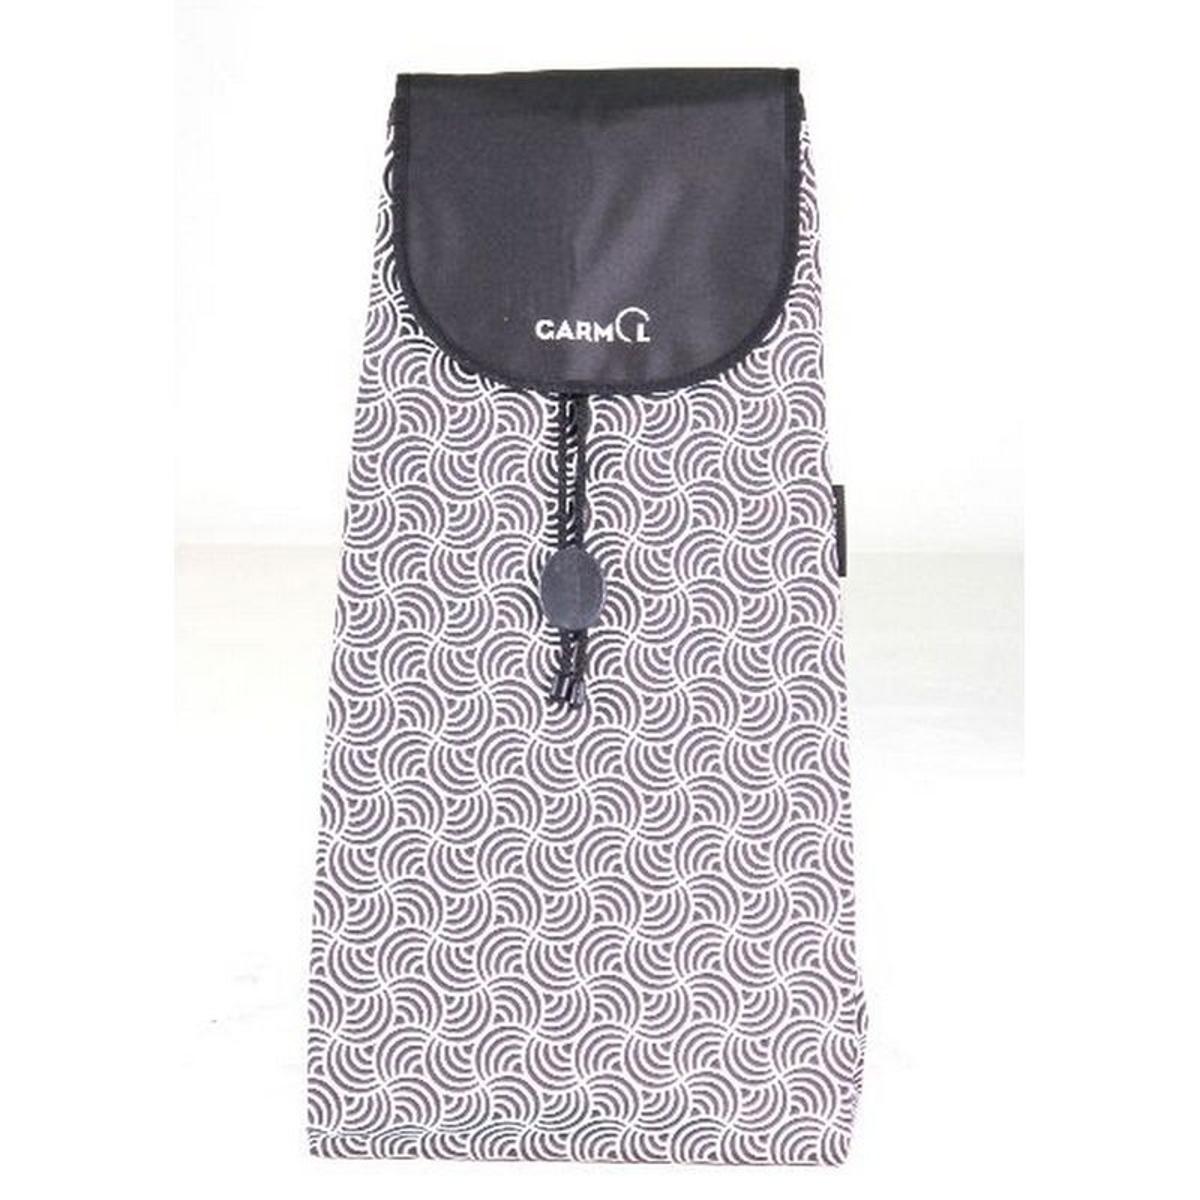 garmol - sac pour poussette de marché 51l blanc/noir - bbp218esp c-662